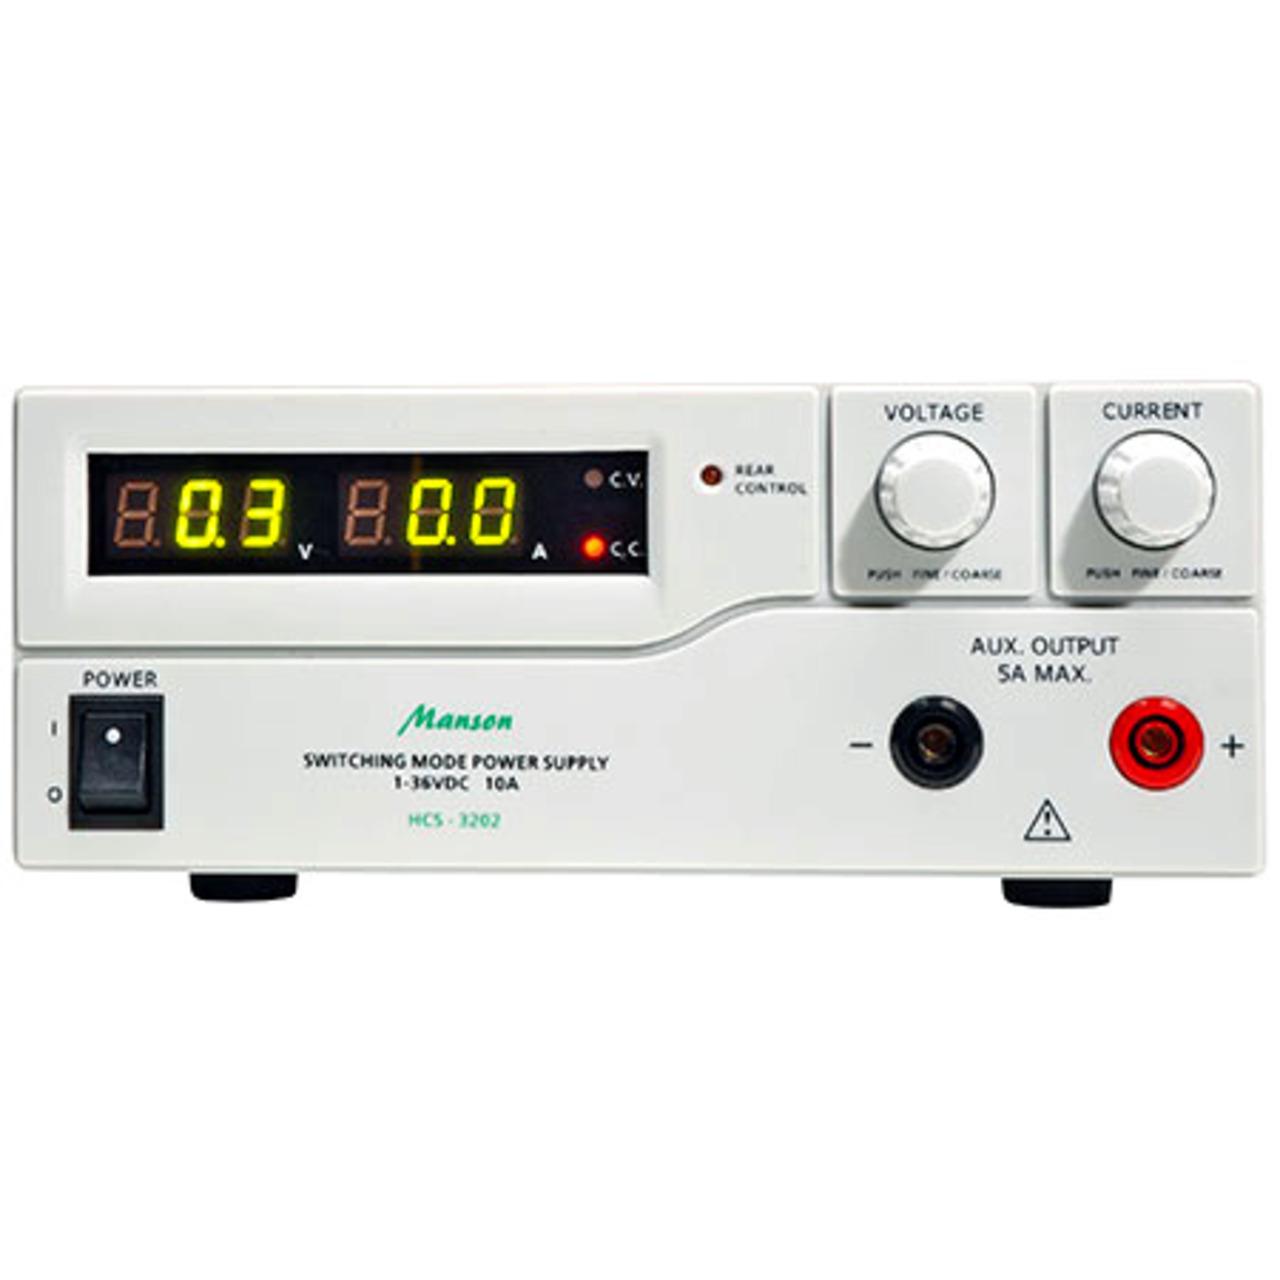 Manson Laborschaltnetzteil HCS-3202 (1-36 V-0-10 A) mit USB-Schnittstelle- programmierbar